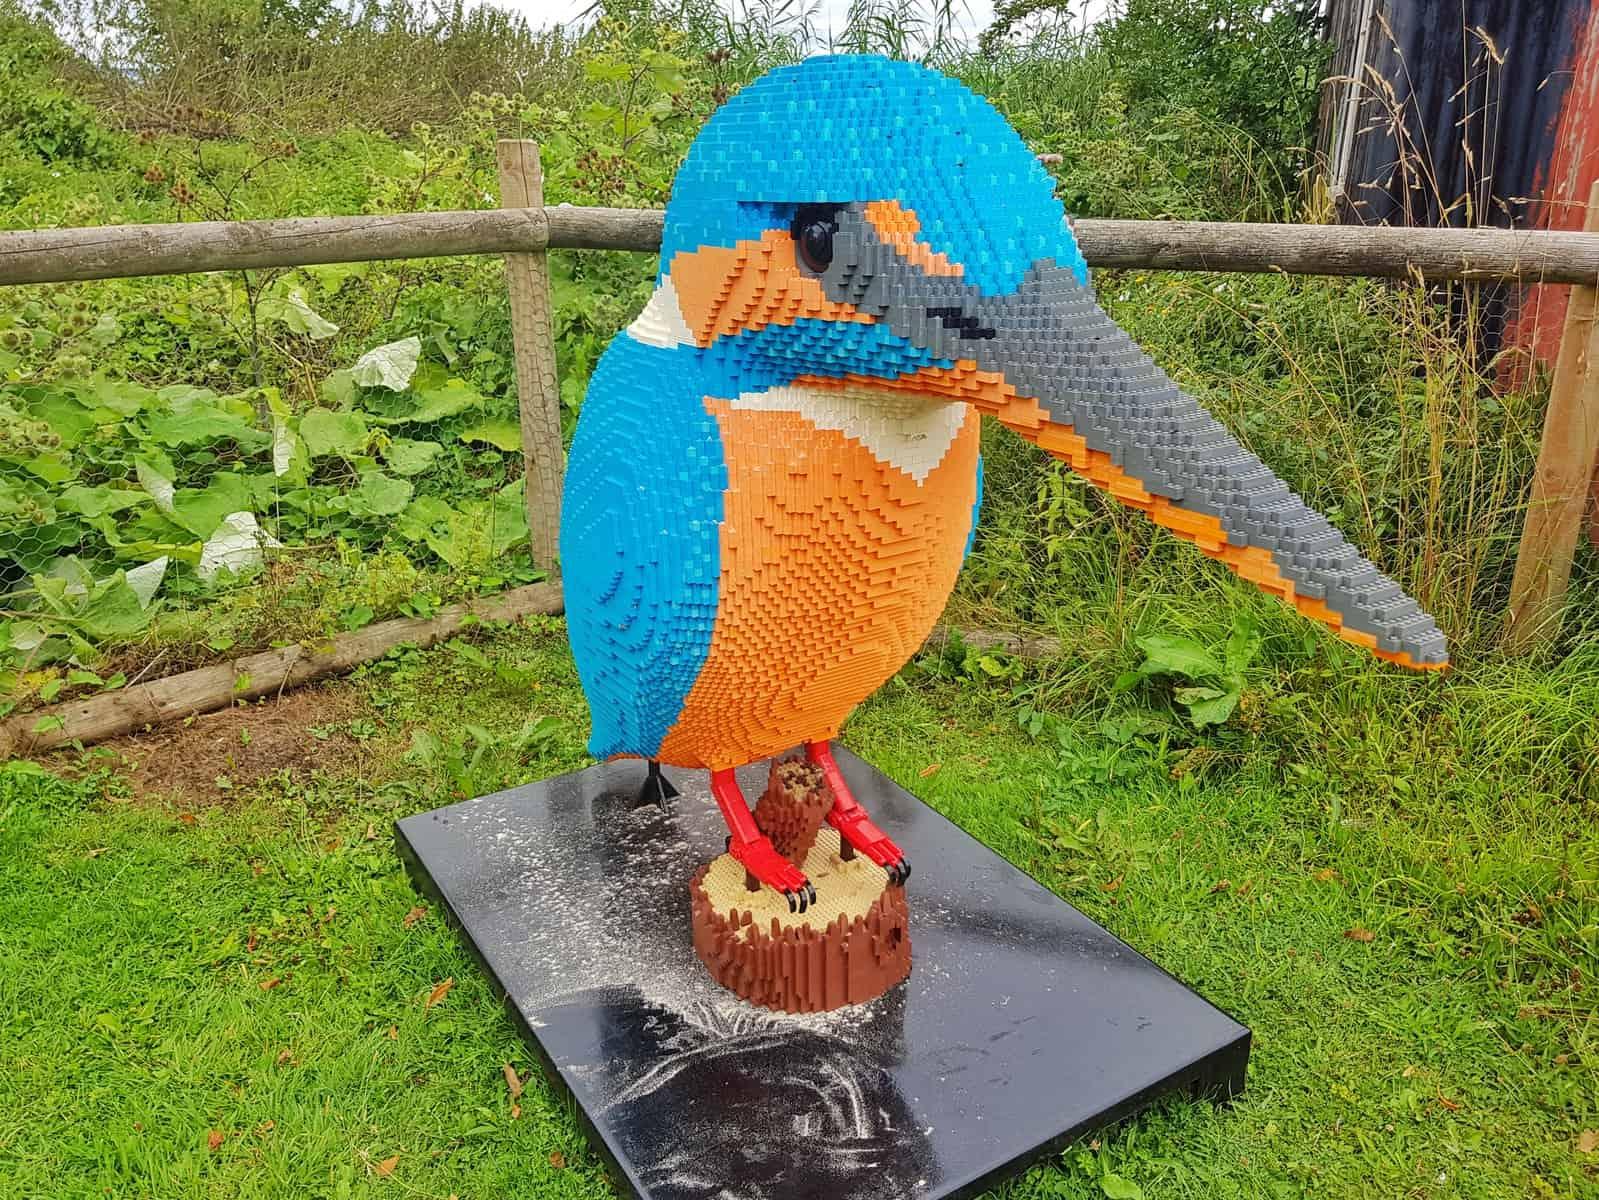 WWT Slimbridge, Gloucestershire - giant lego kingfisher